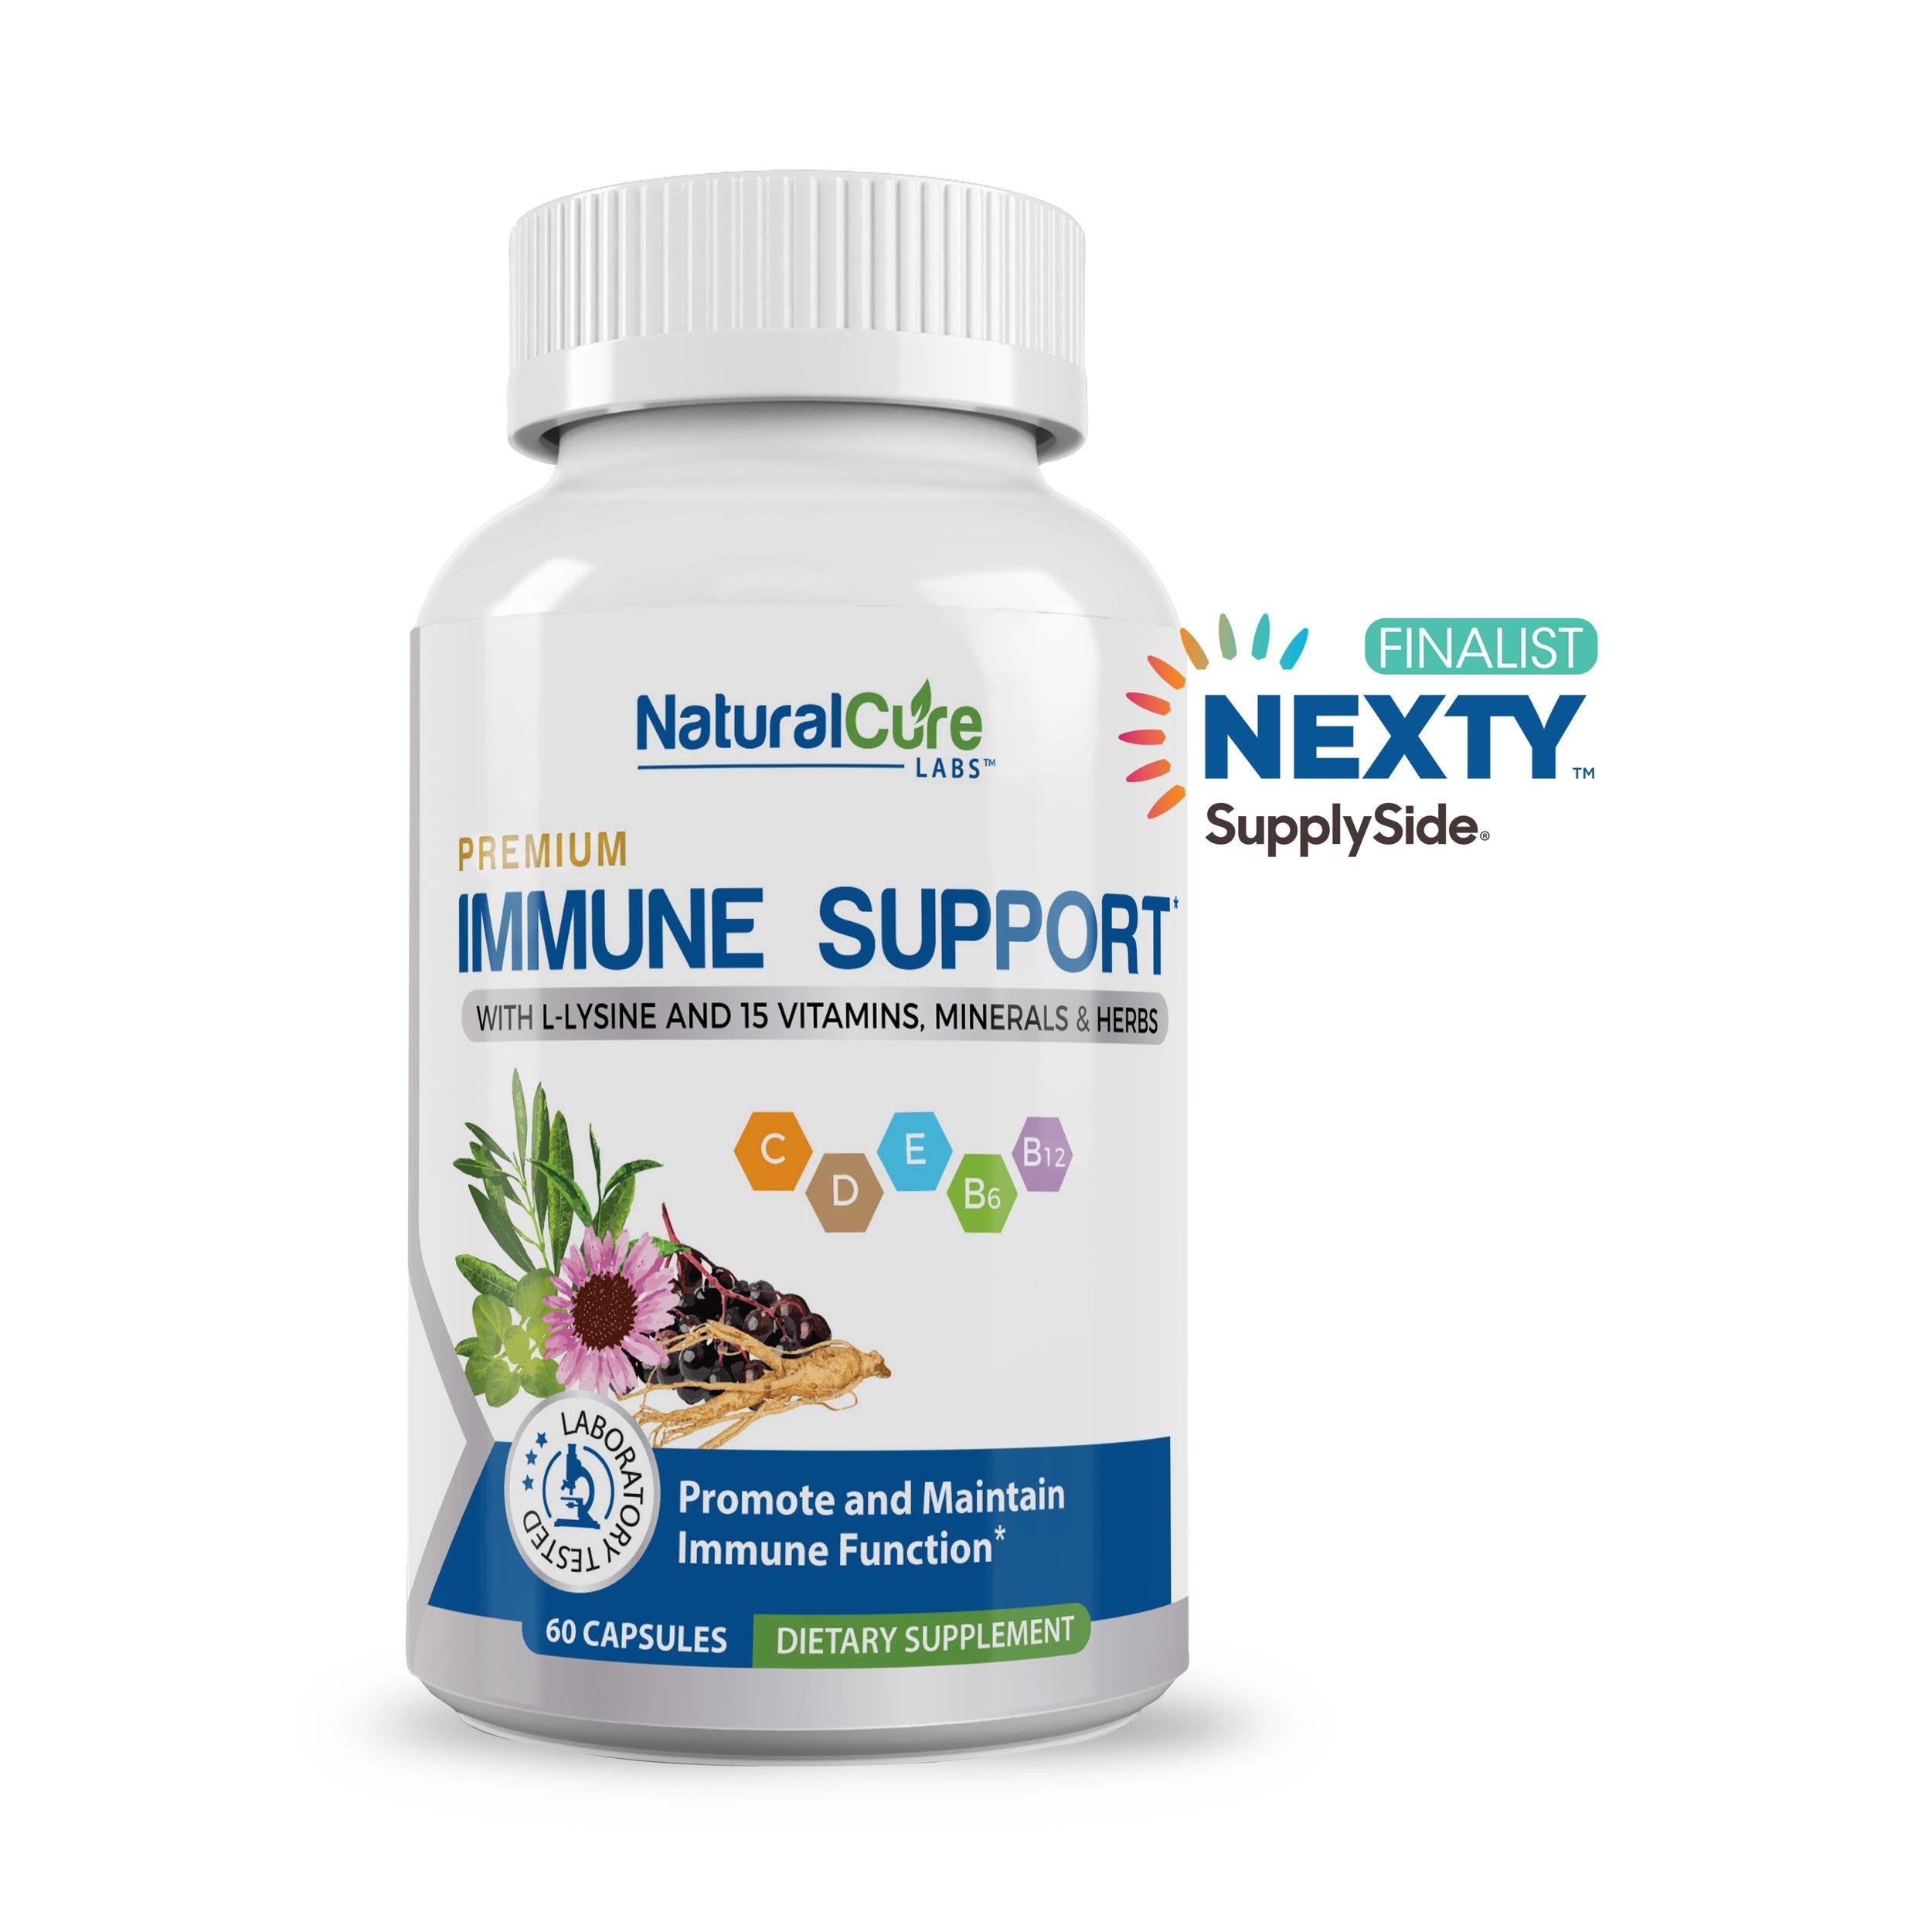 """Immune Support was voted """"Best Multivitamin"""" finalist in the 2019 NEXTY Awards"""